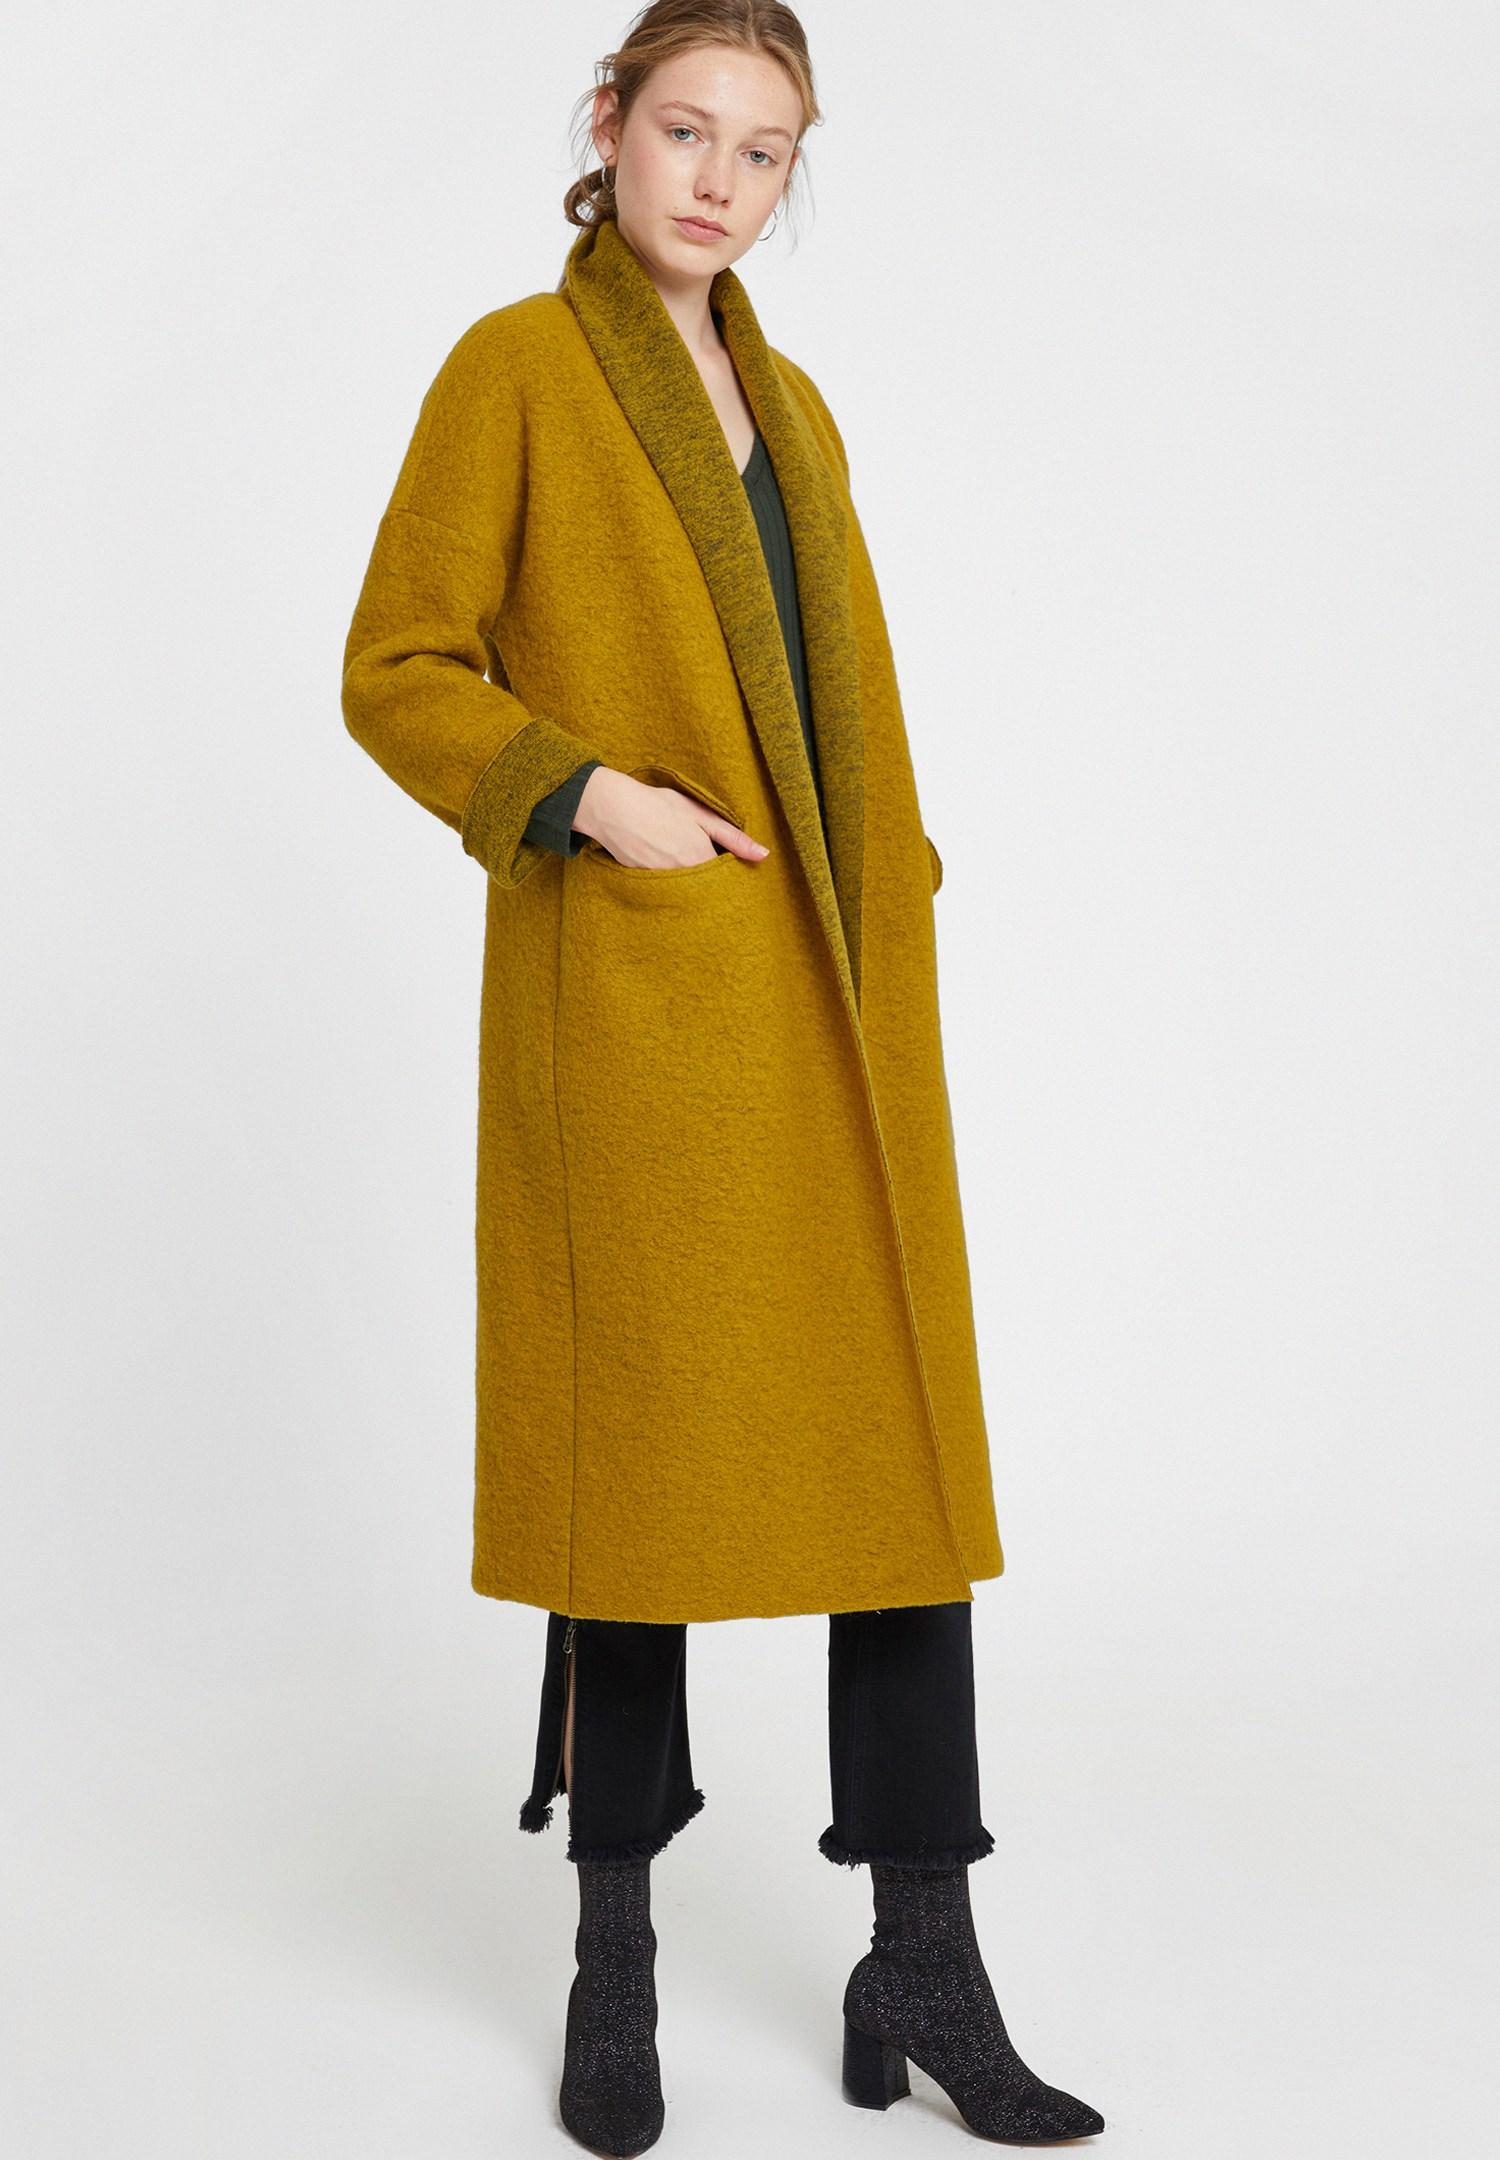 Bayan Yeşil Oversize Uzun Kaban